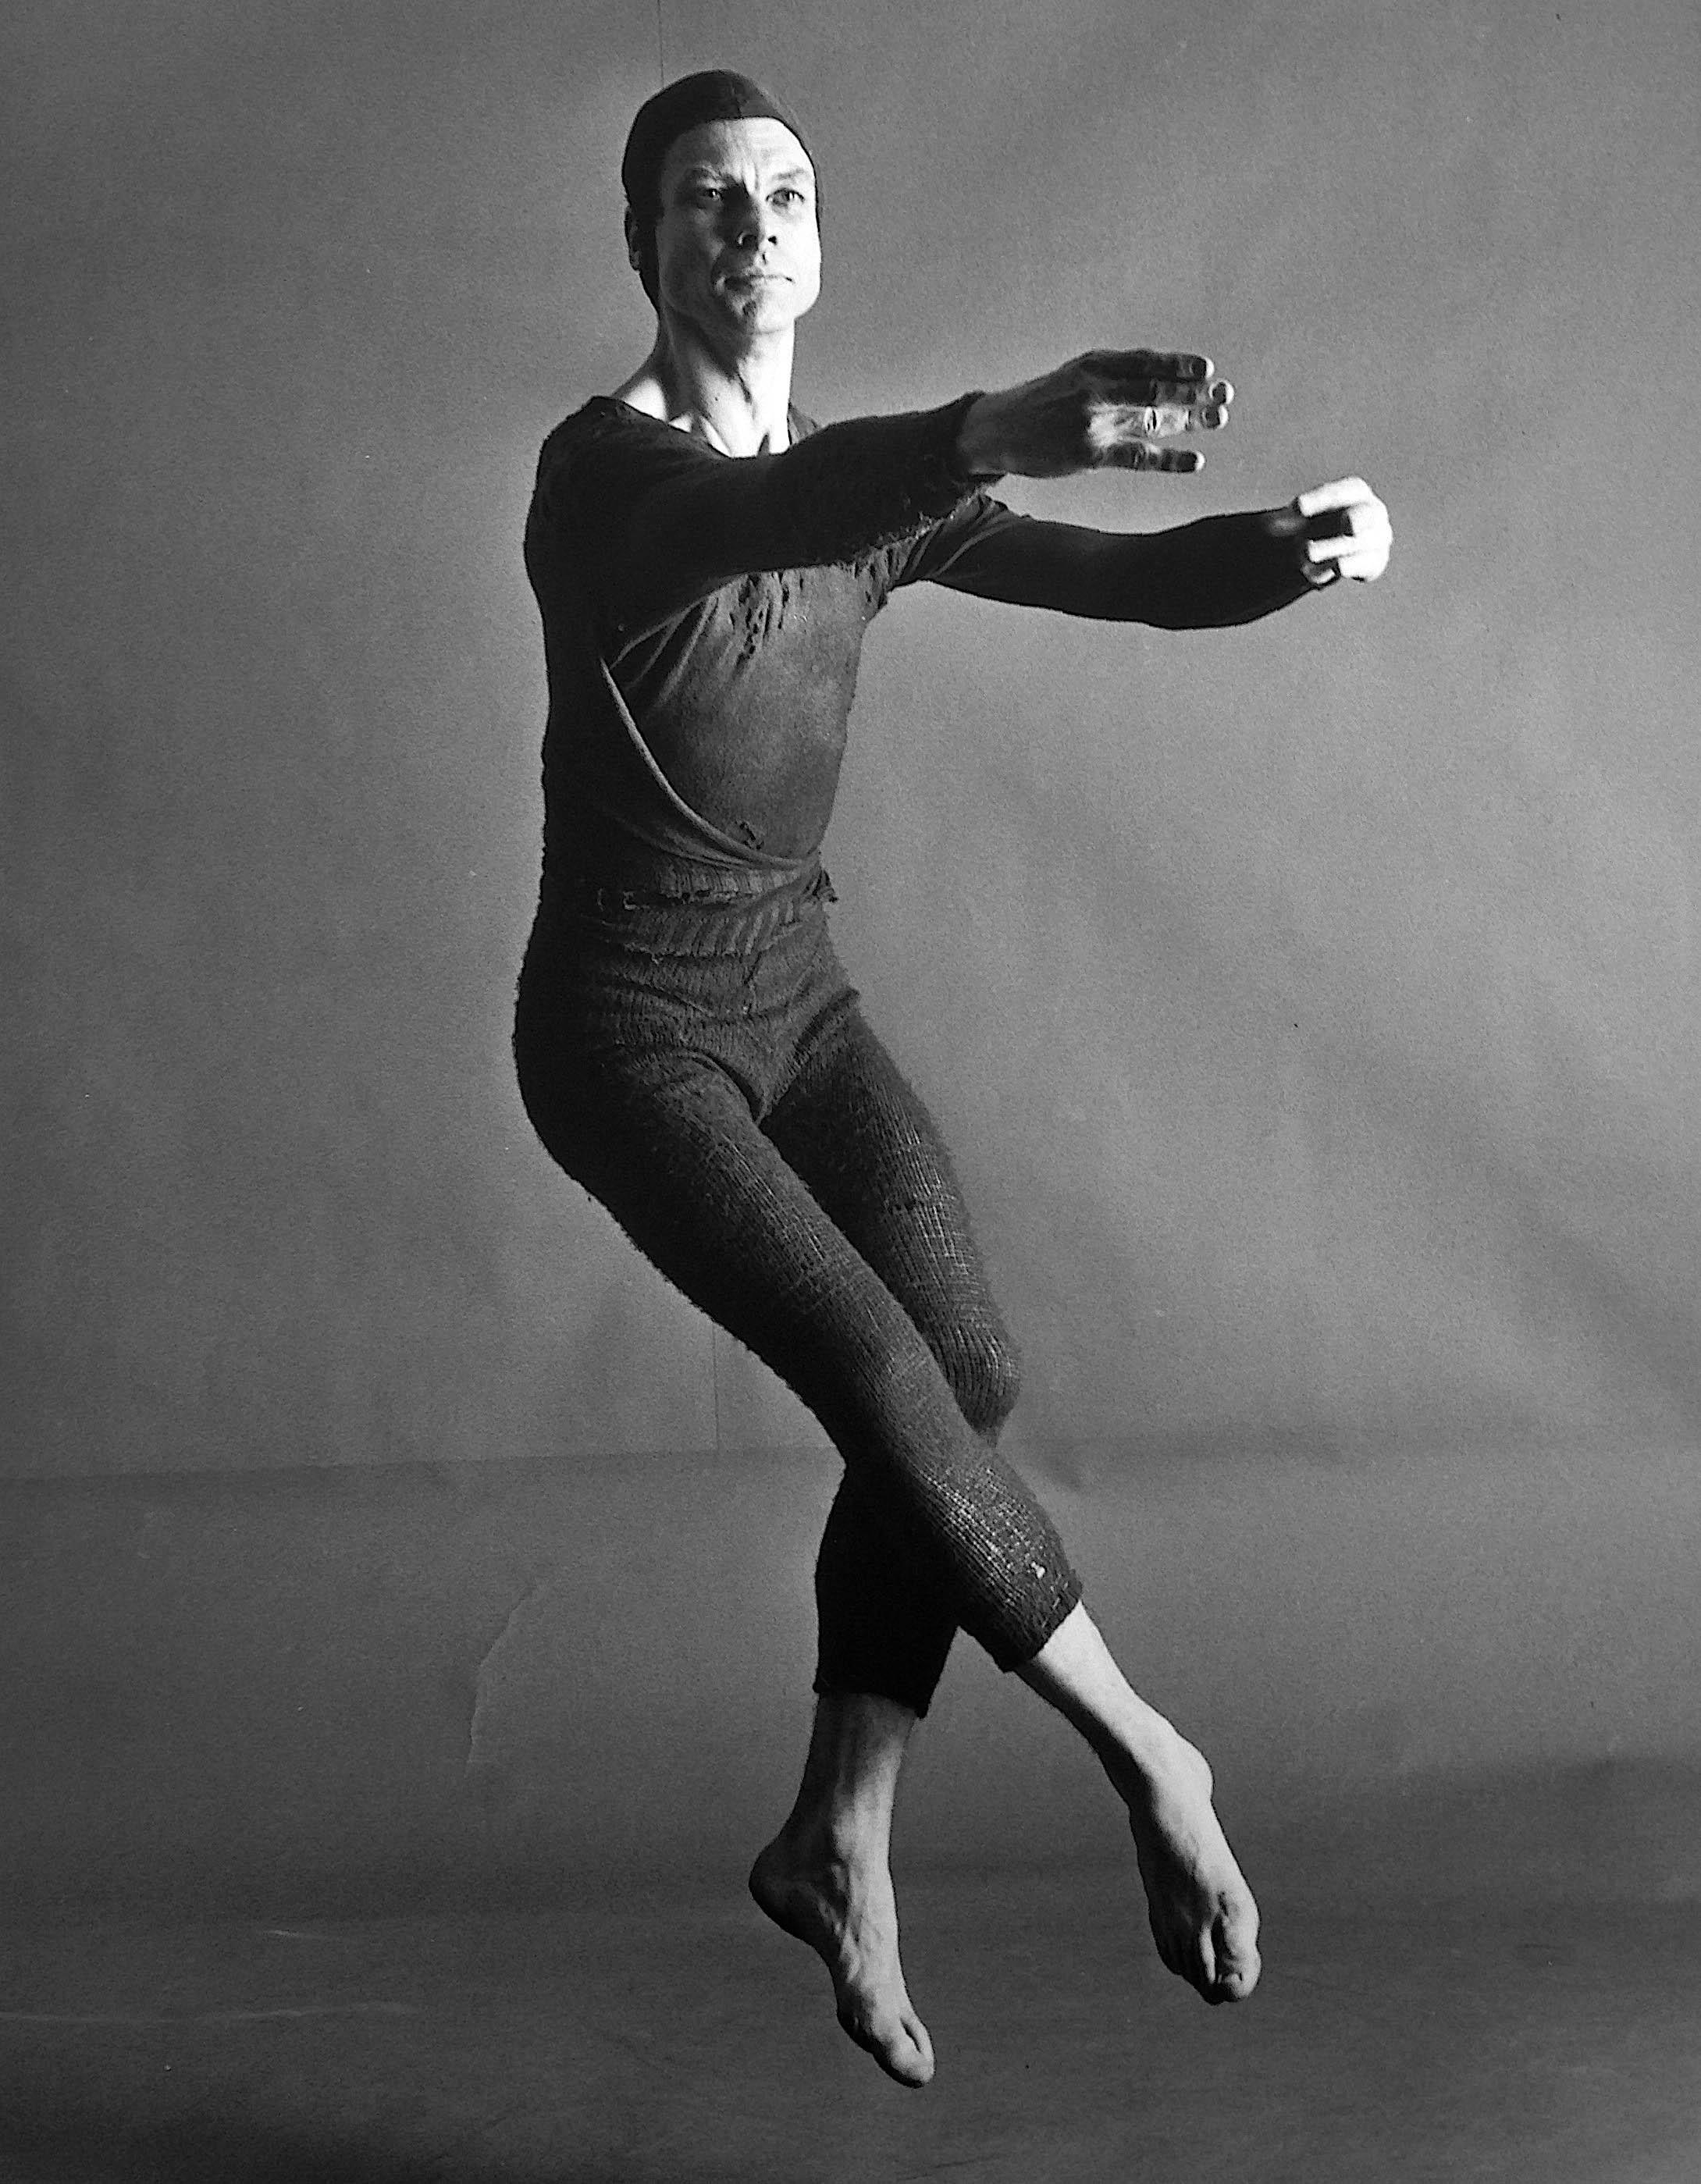 康寧漢用感性的思維創作,理性的角度經營舞蹈的一生,「把一件事做到極致就是藝術」在他身上,就是最好的印證